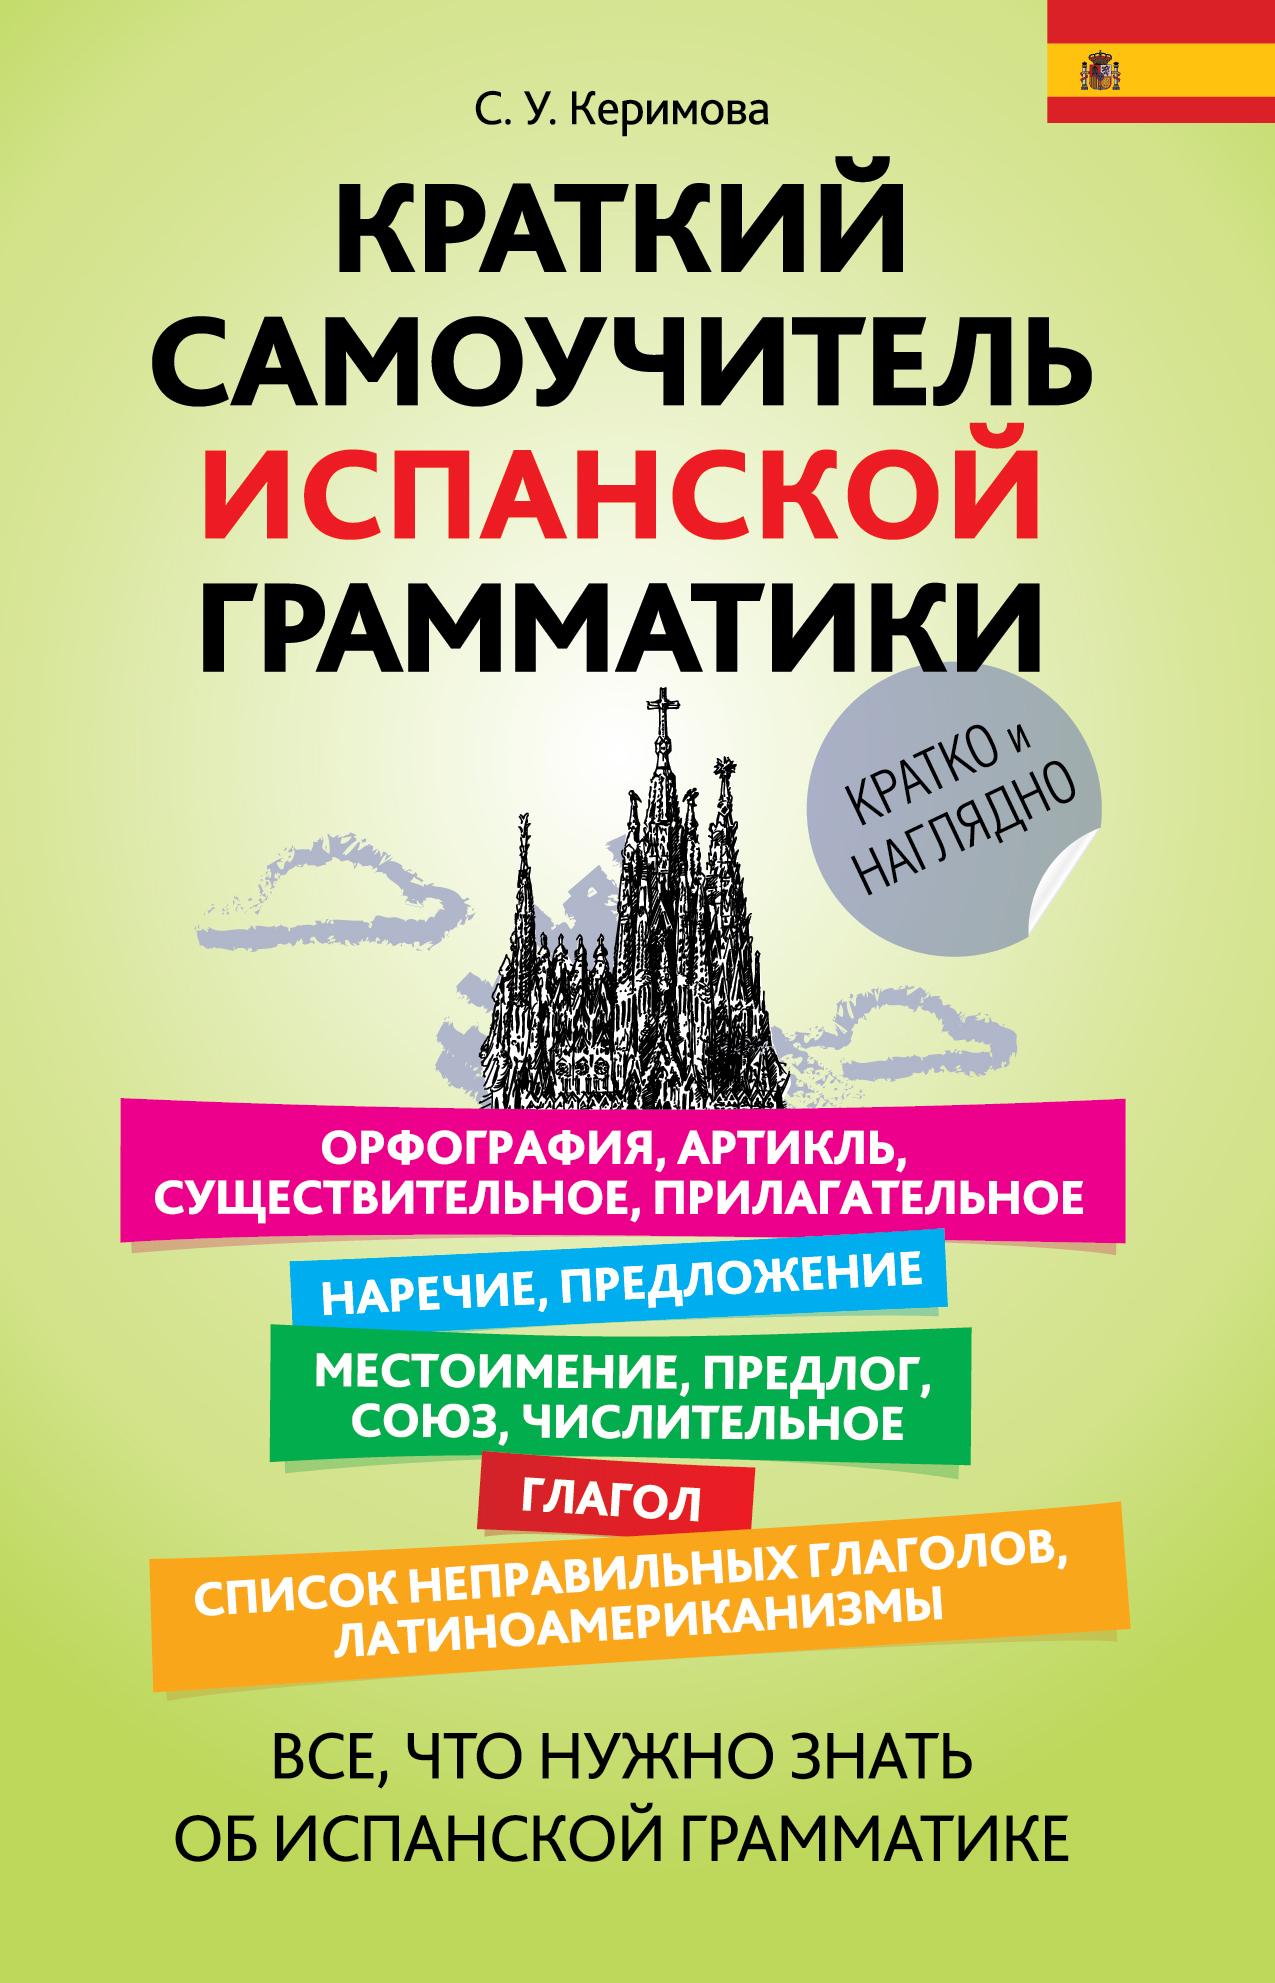 Краткий самоучитель испанской грамматики ( Керимова С.У.  )